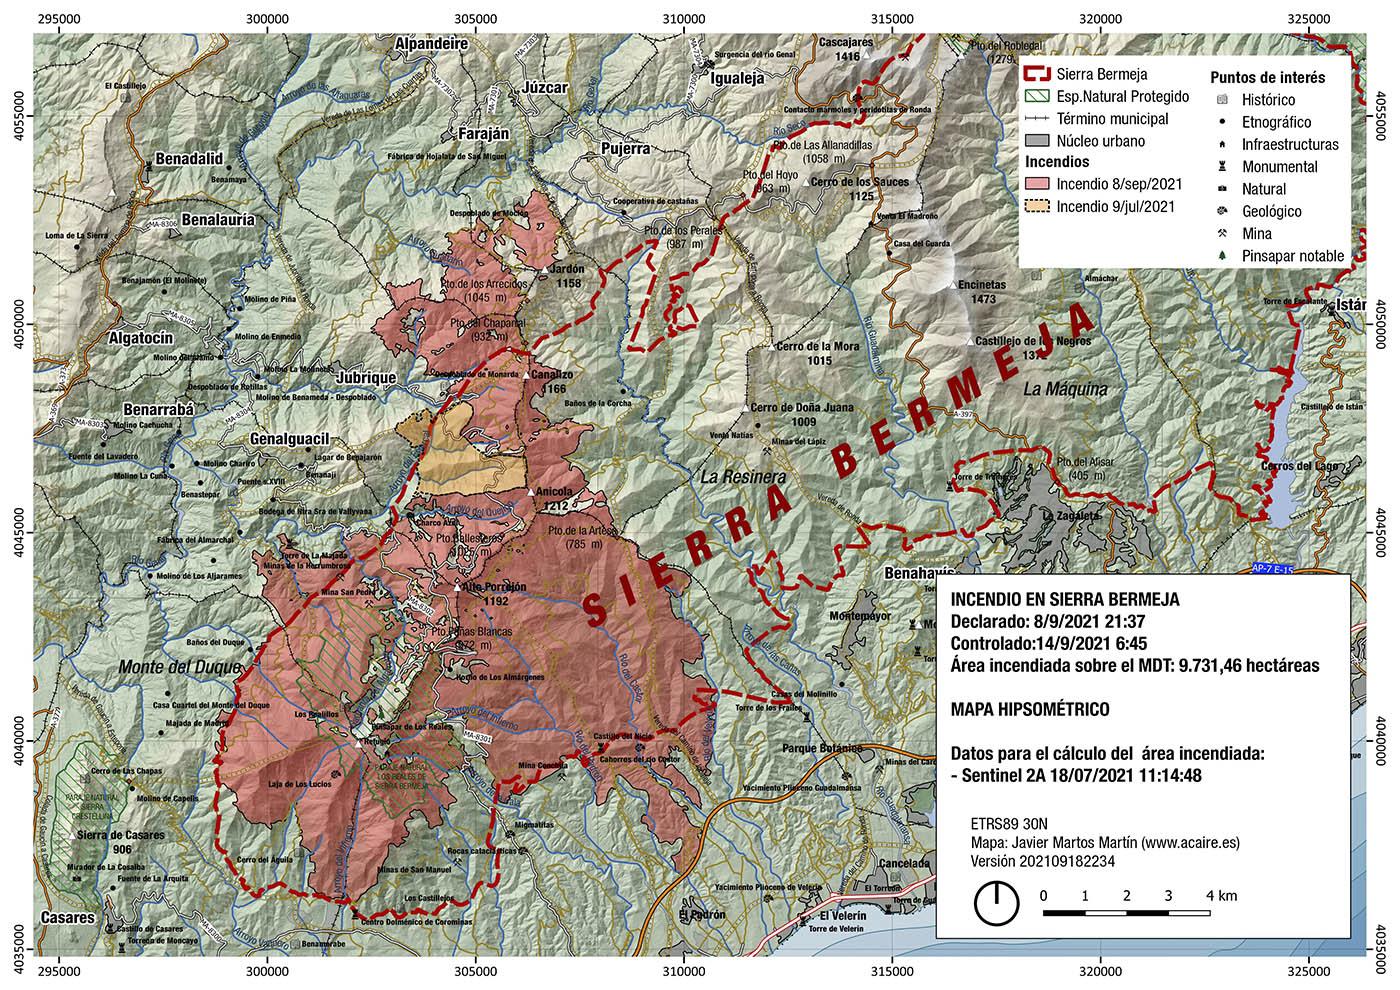 Incendio de Sierra Bermeja. Estimación del 18/9/2021